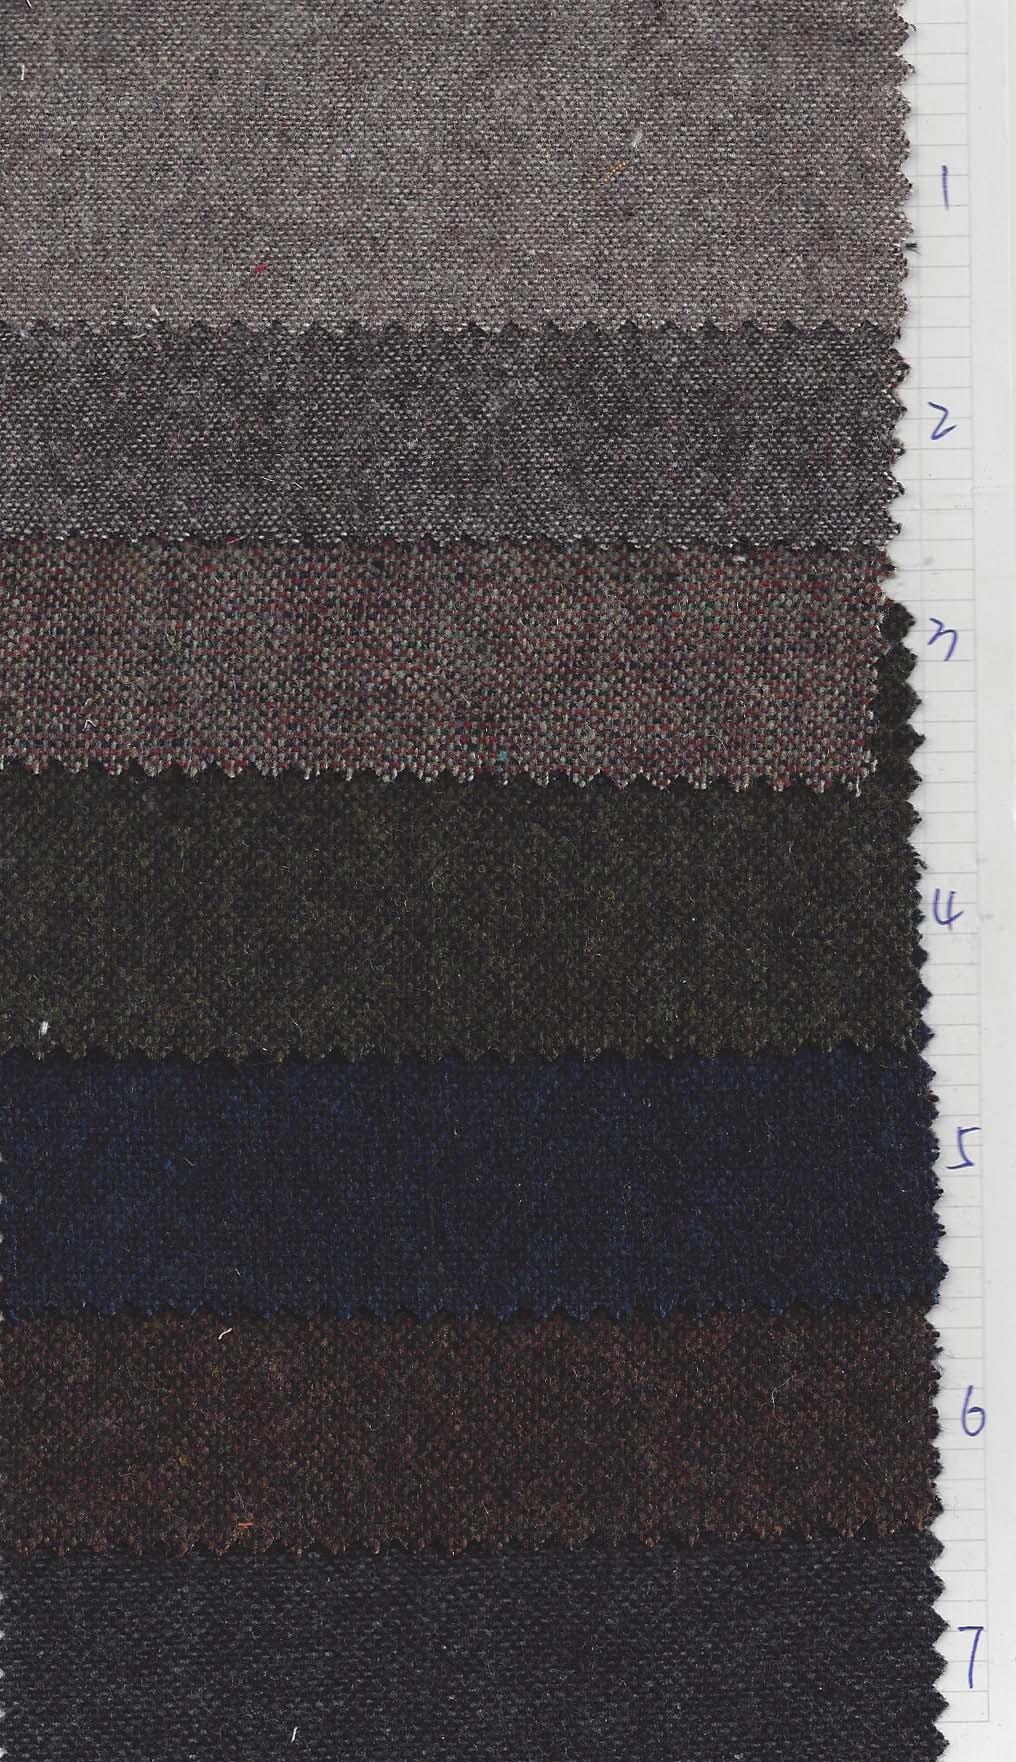 Zhi Cheng Textile H037.jpg